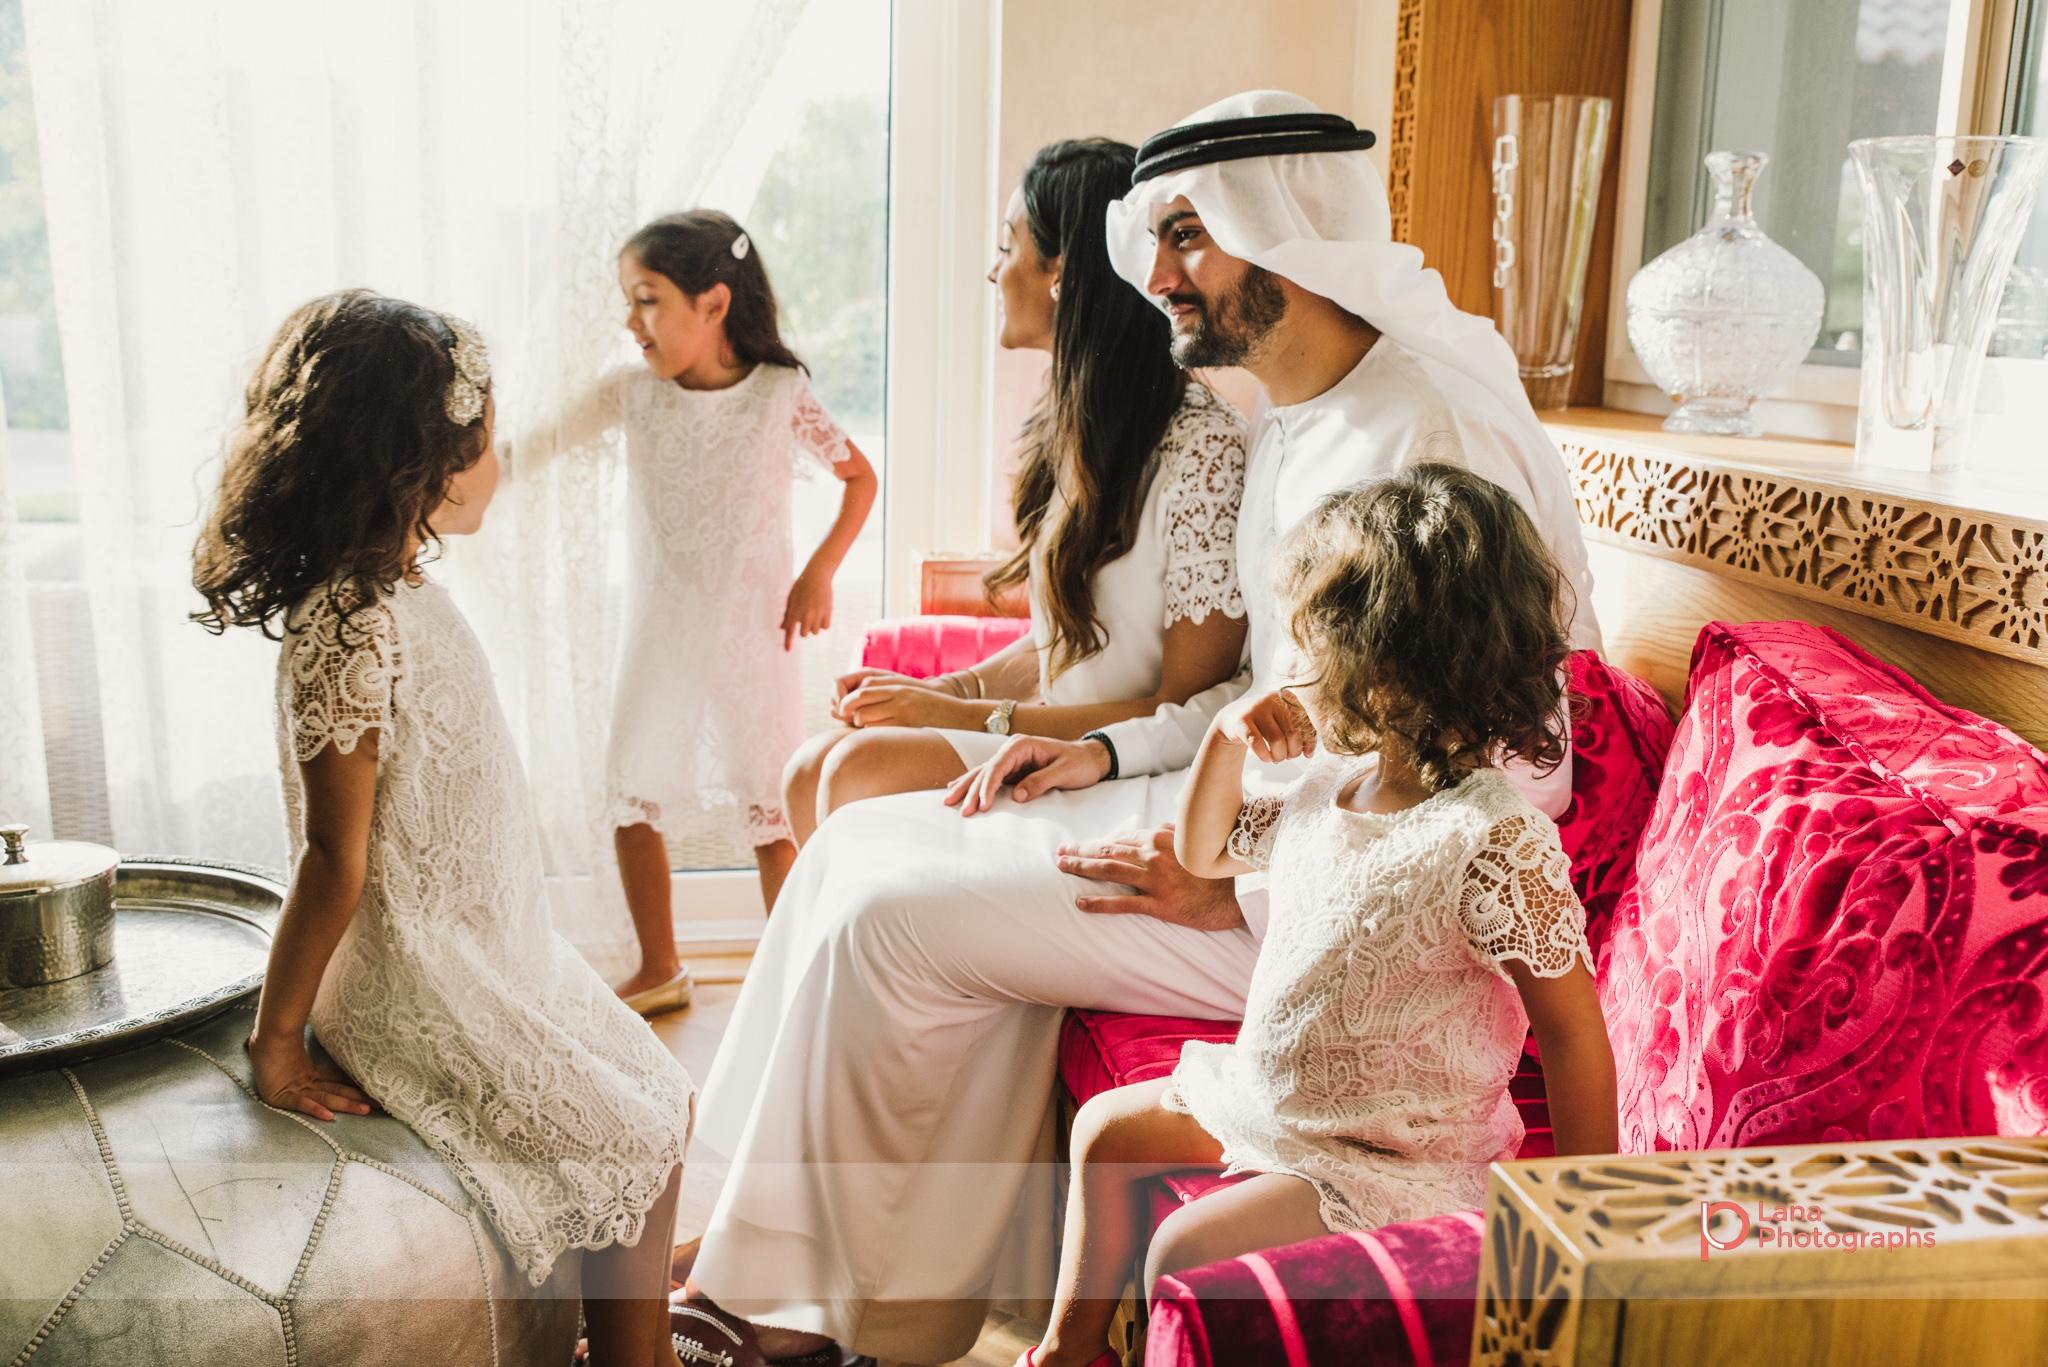 Lana Photographs Family Photographer Dubai Top Family Photographers family in their living room